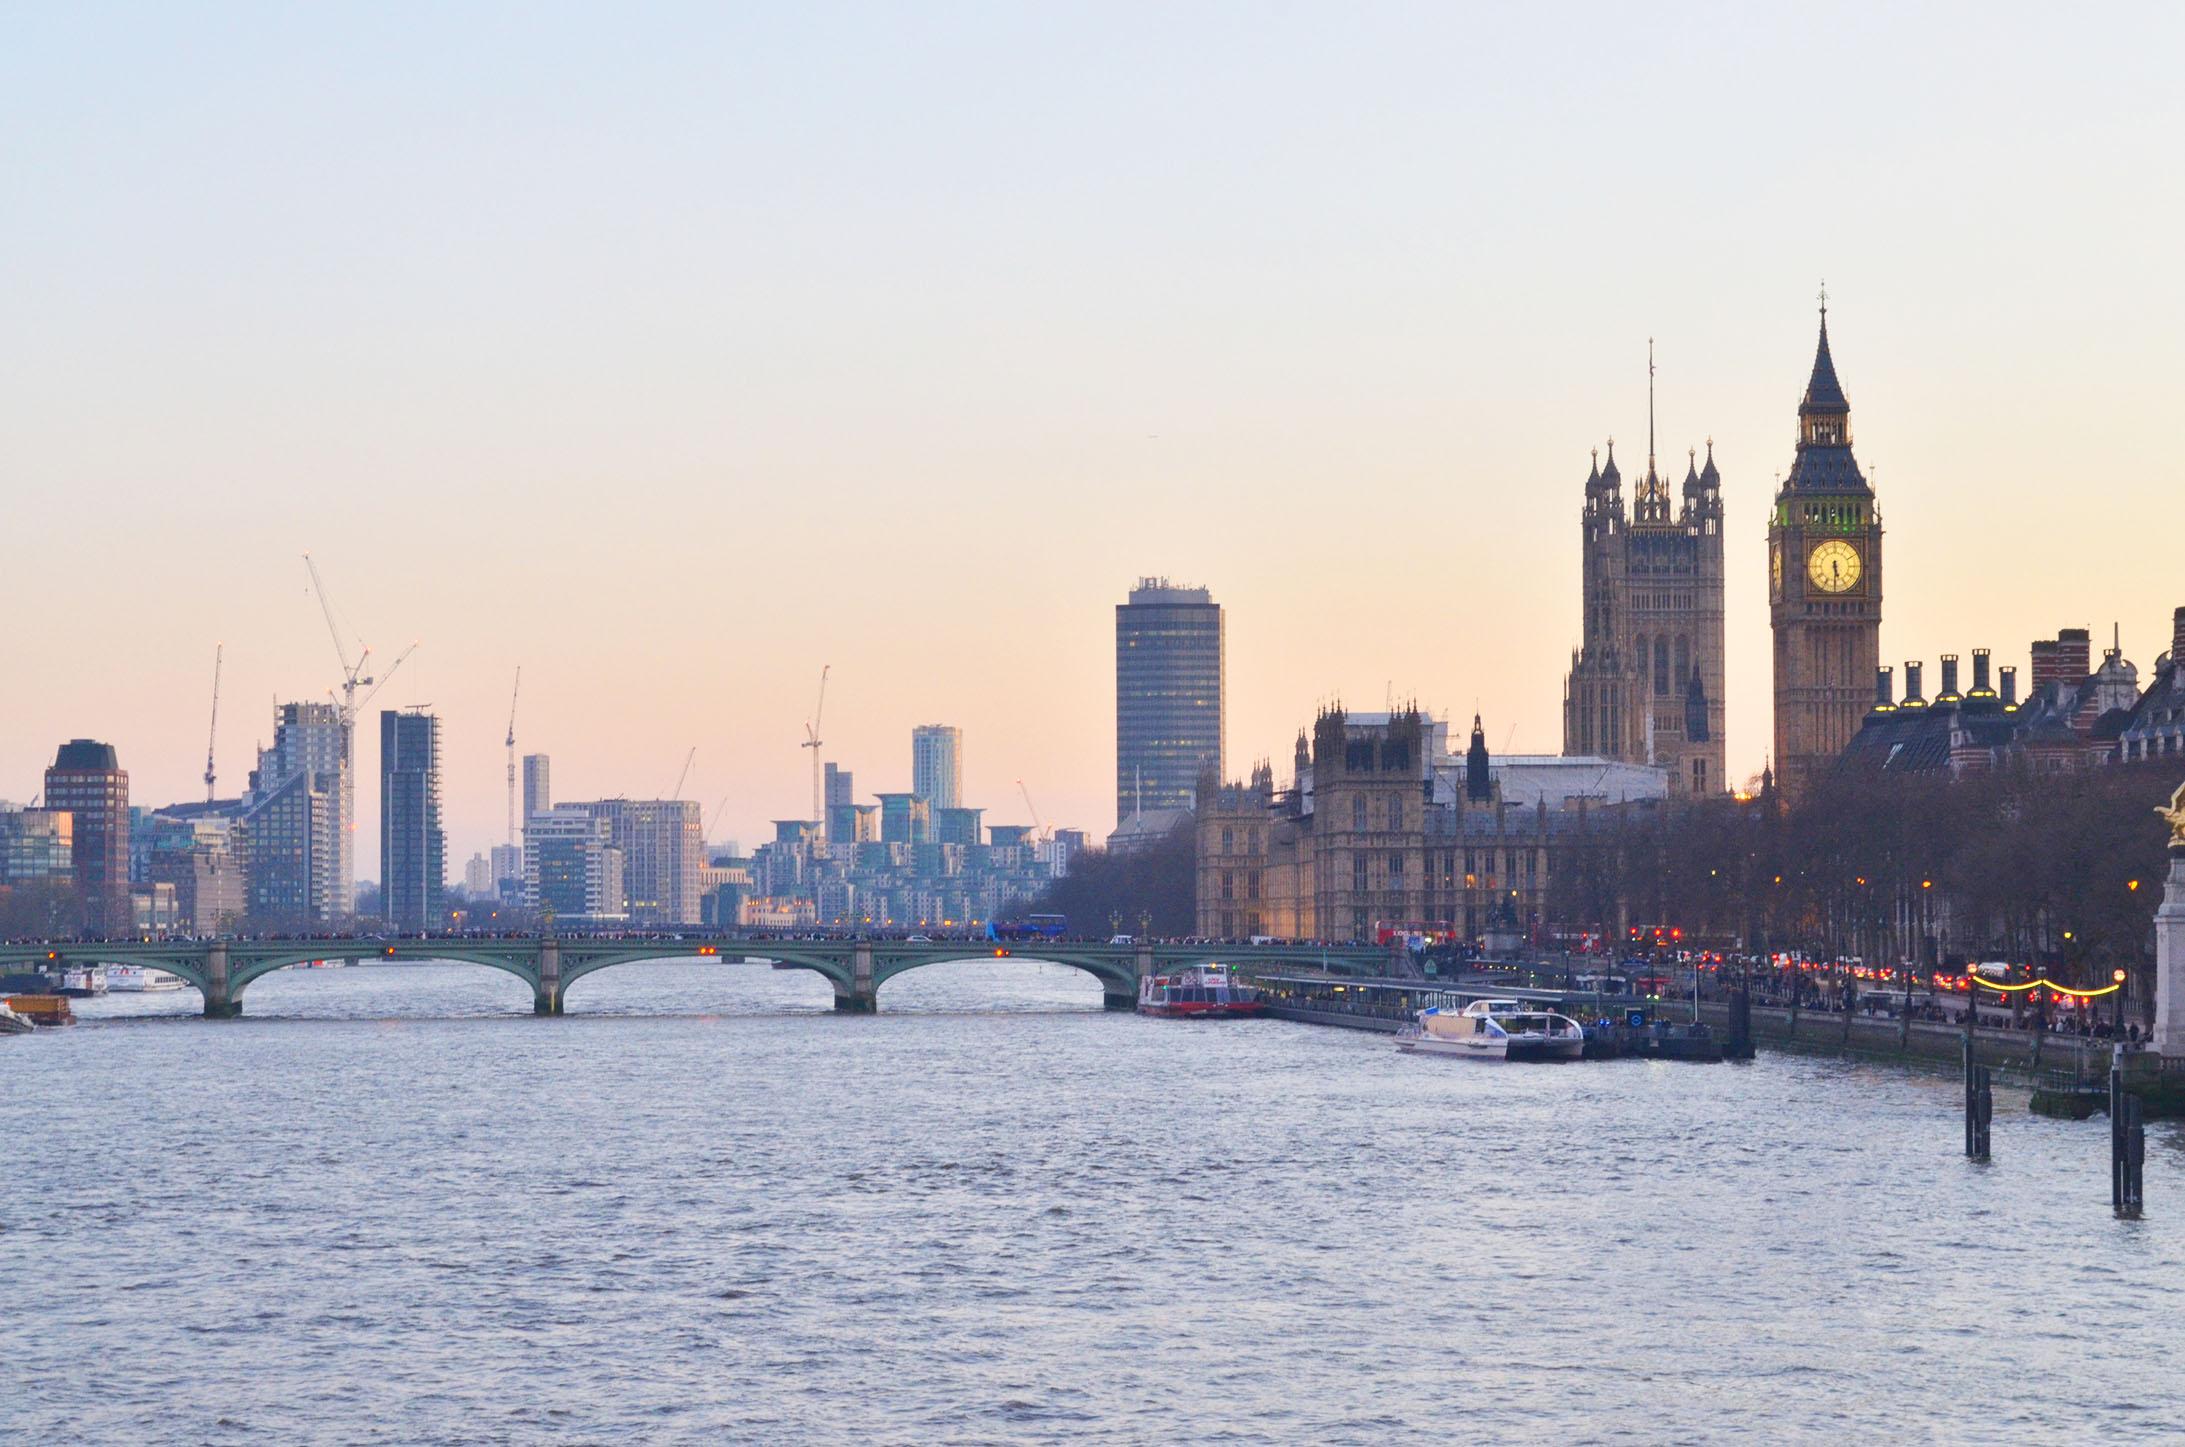 London06